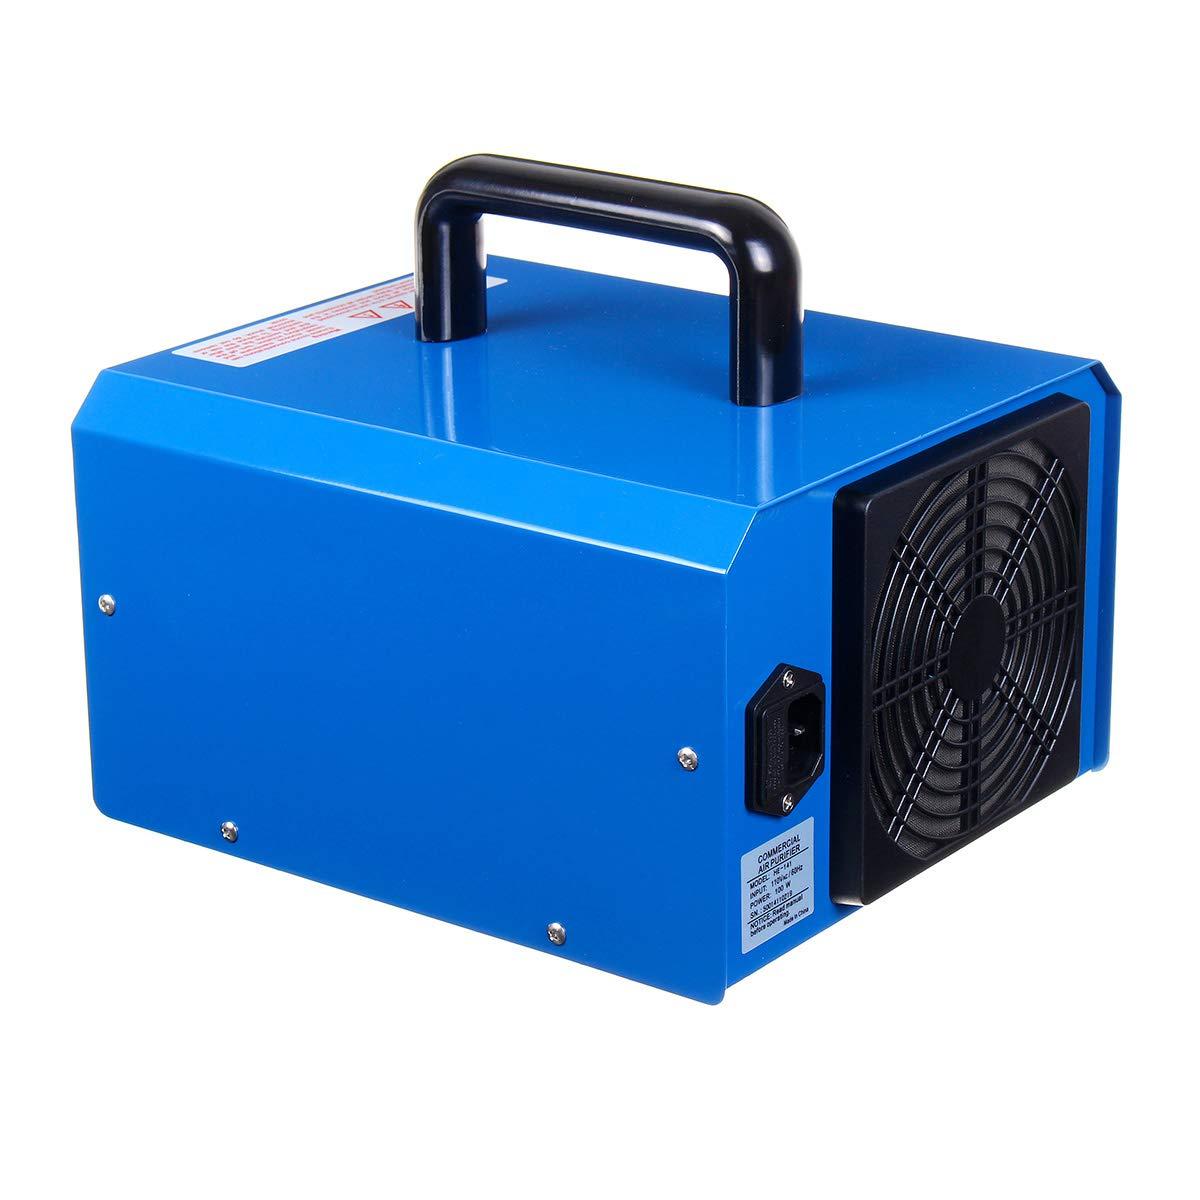 CPAZT/Purificador de Aire Esterilizador de Aire de ozono port/átil Ultra silencioso USB Mini Elegante S/úper eficiente de energ/ía con luz para el hogar del autom/óvil///Plata